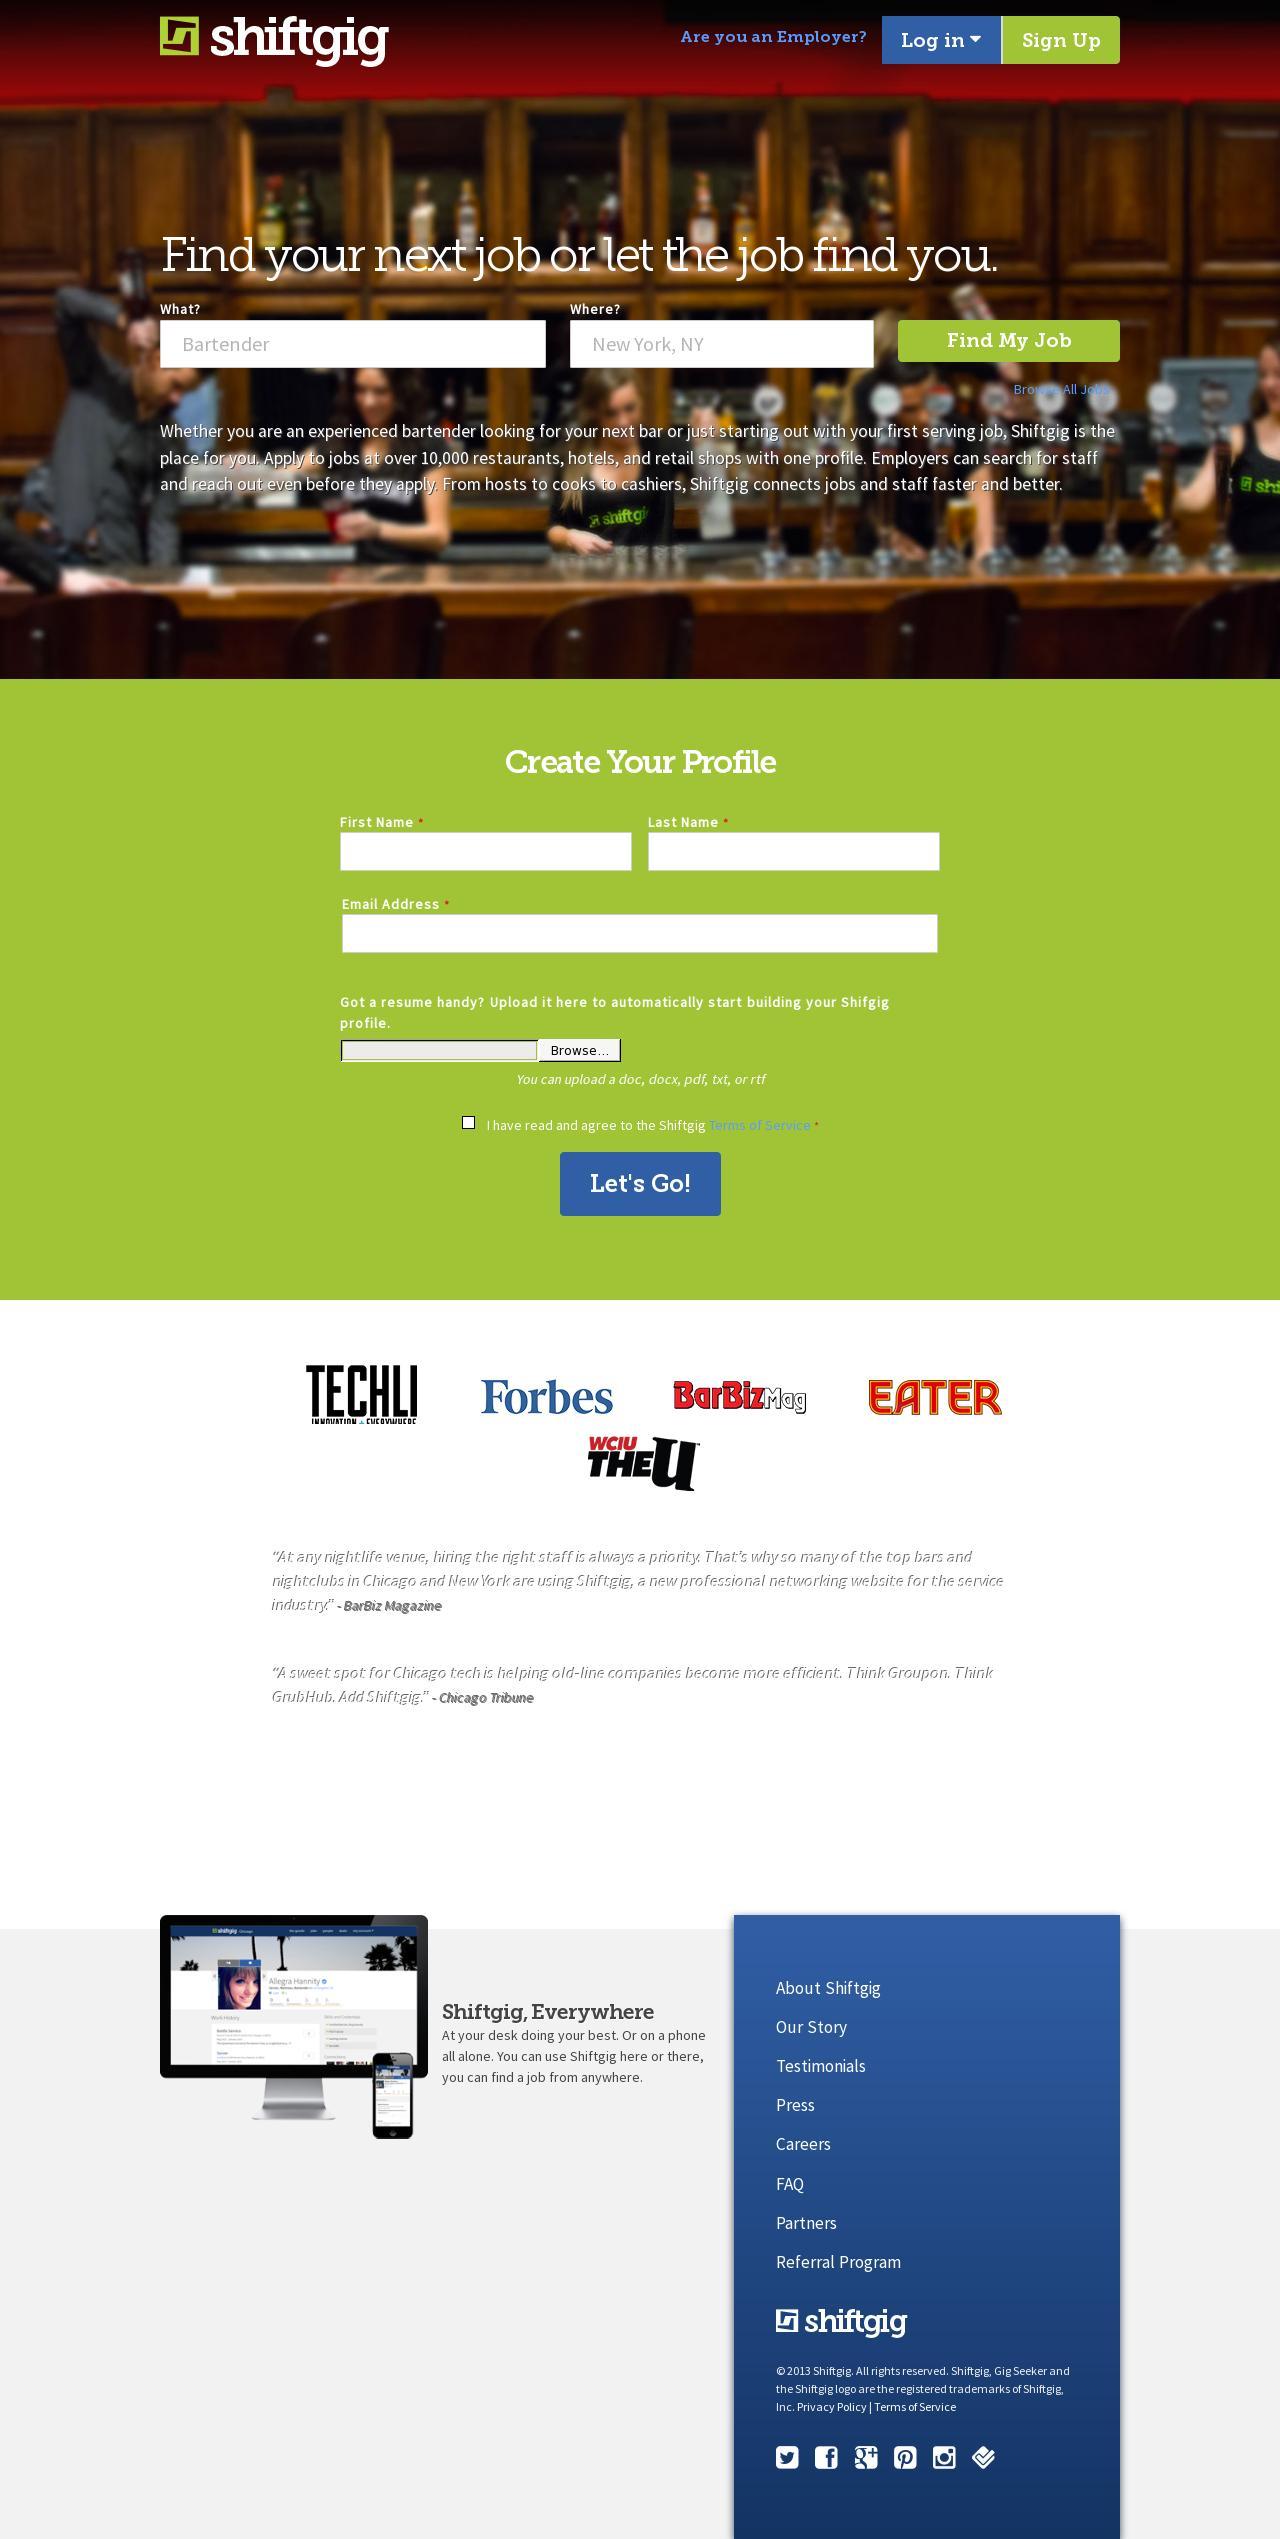 Web Design Example   A page on shiftgig com   Crayon